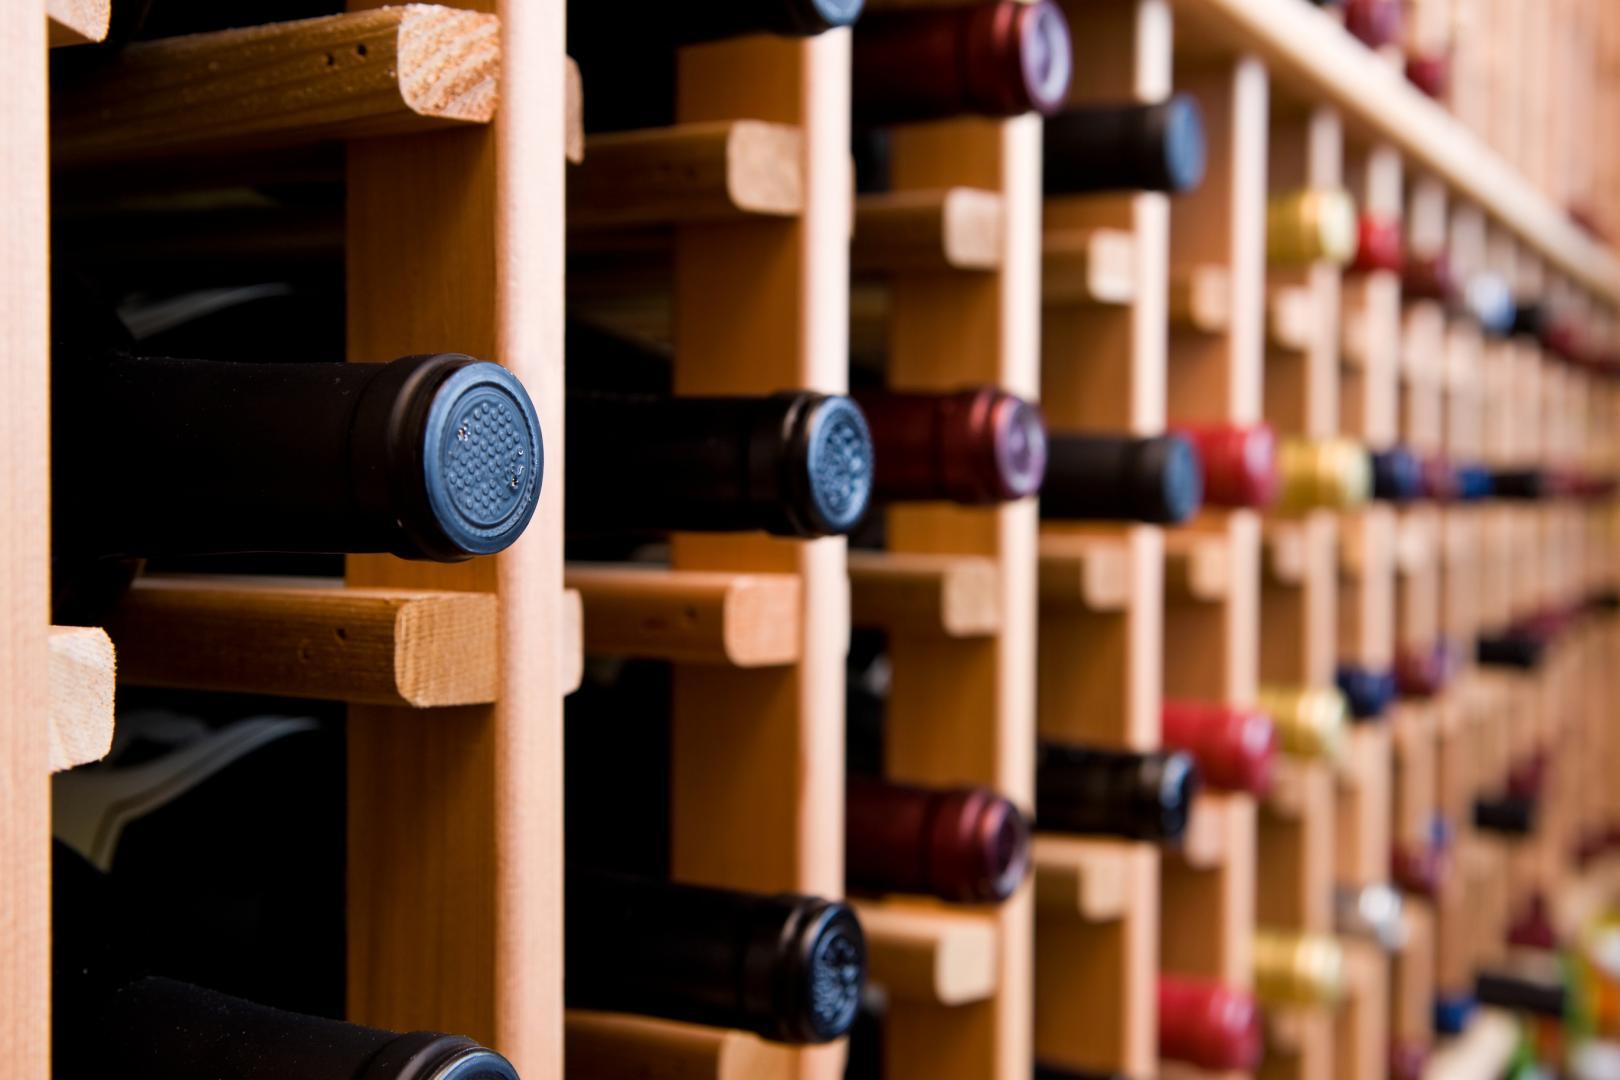 Bouteilles de vin rangée dans une cave